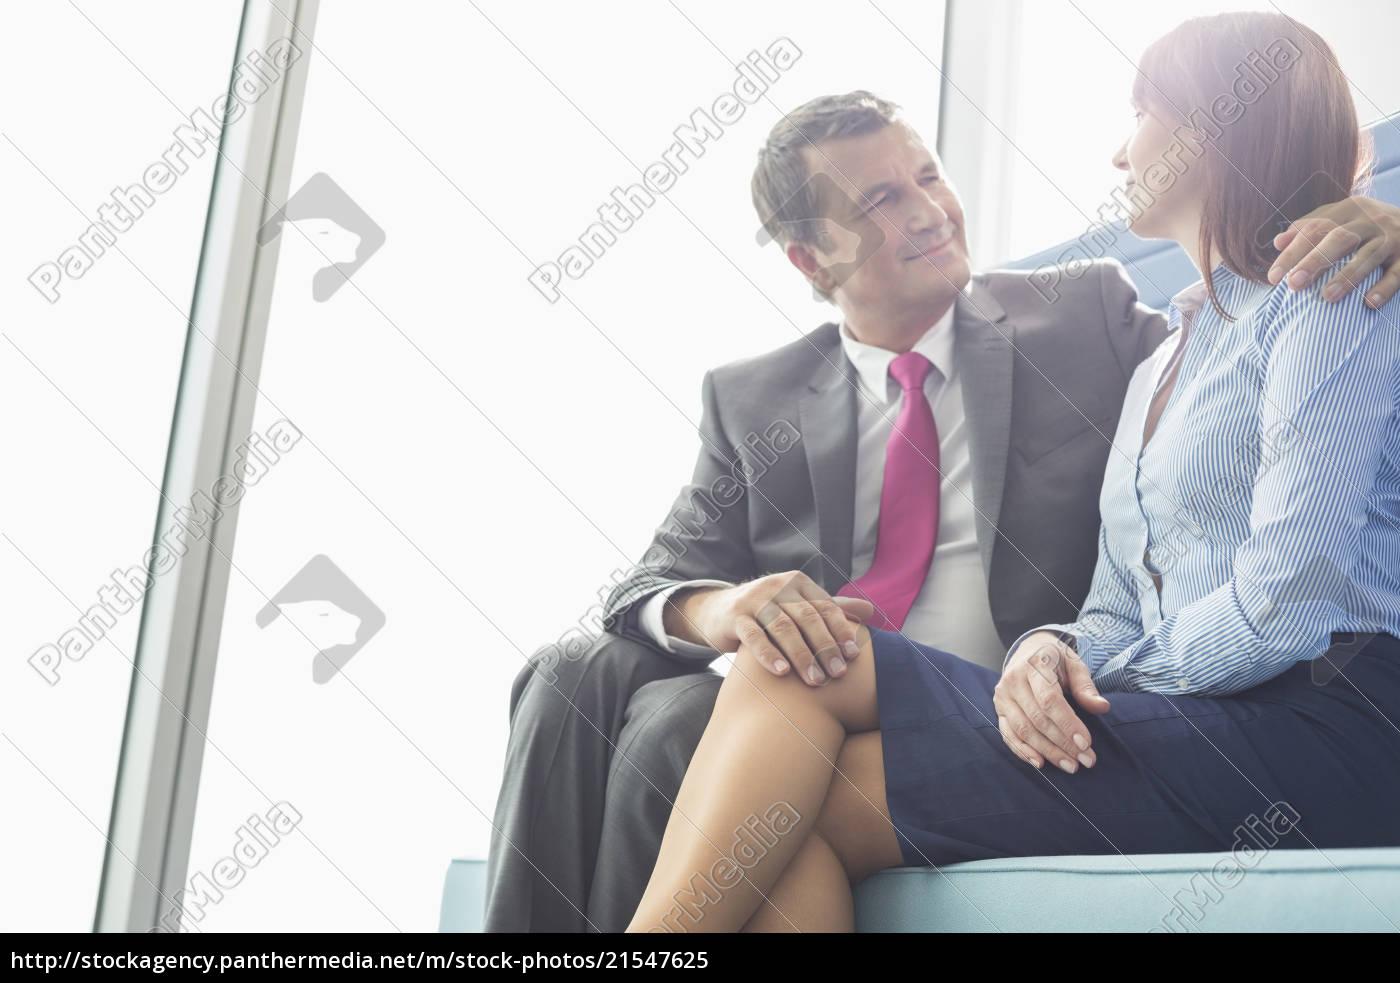 älterer, geschäftsmann, flirtet, mit, weiblichen, kollegen - 21547625